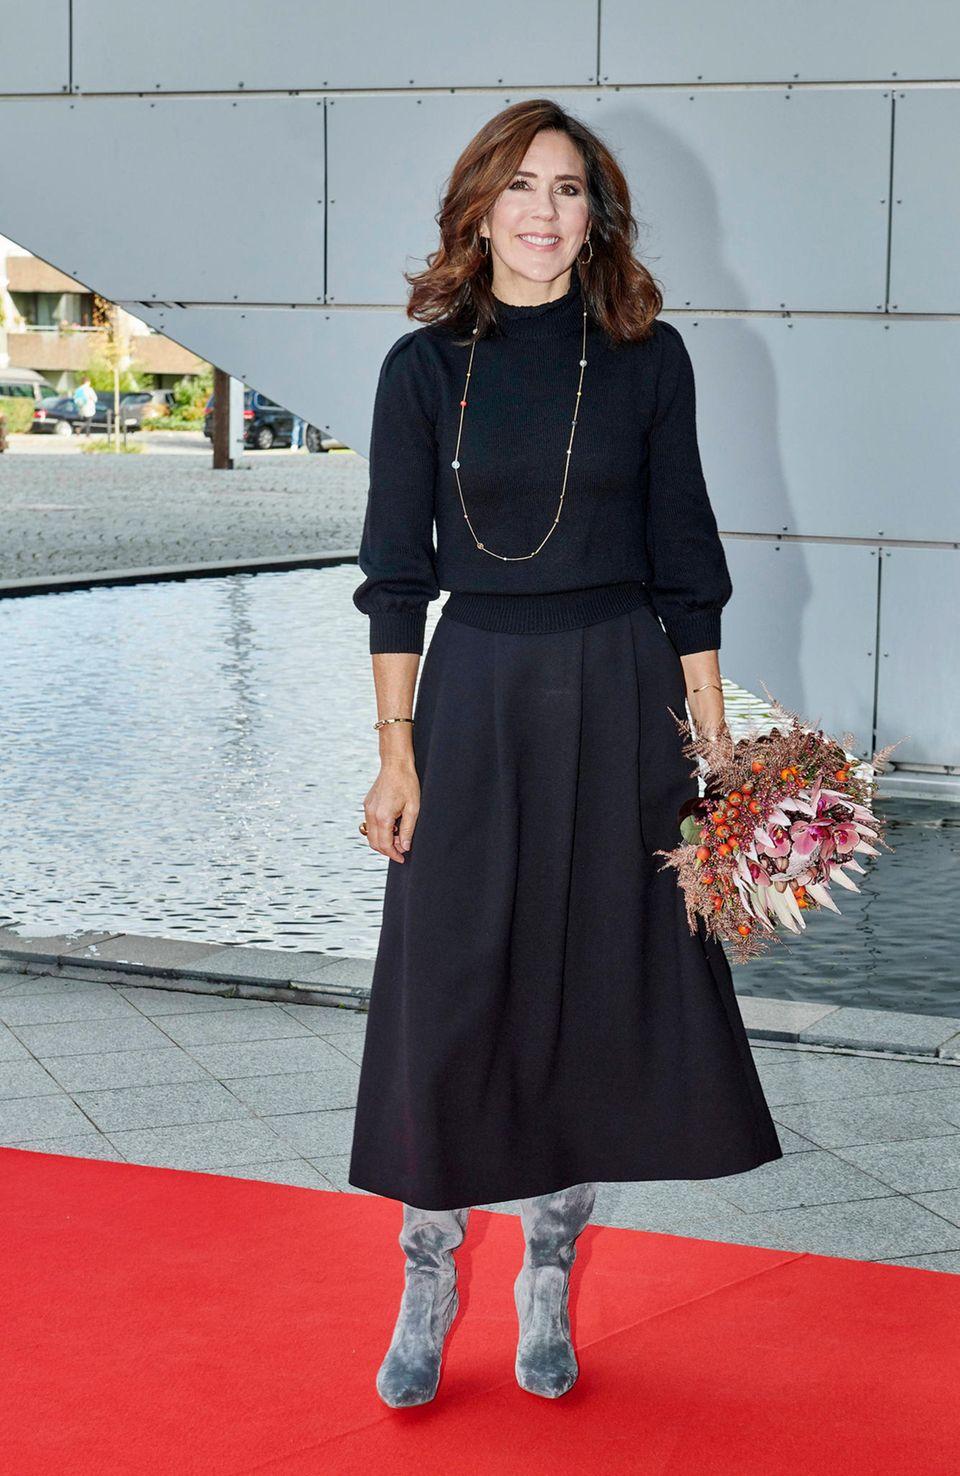 Kronprinzessin Mary besucht anlässlich desInternationalen Mädchentags einGymnasium in Naerum, Dänemark.